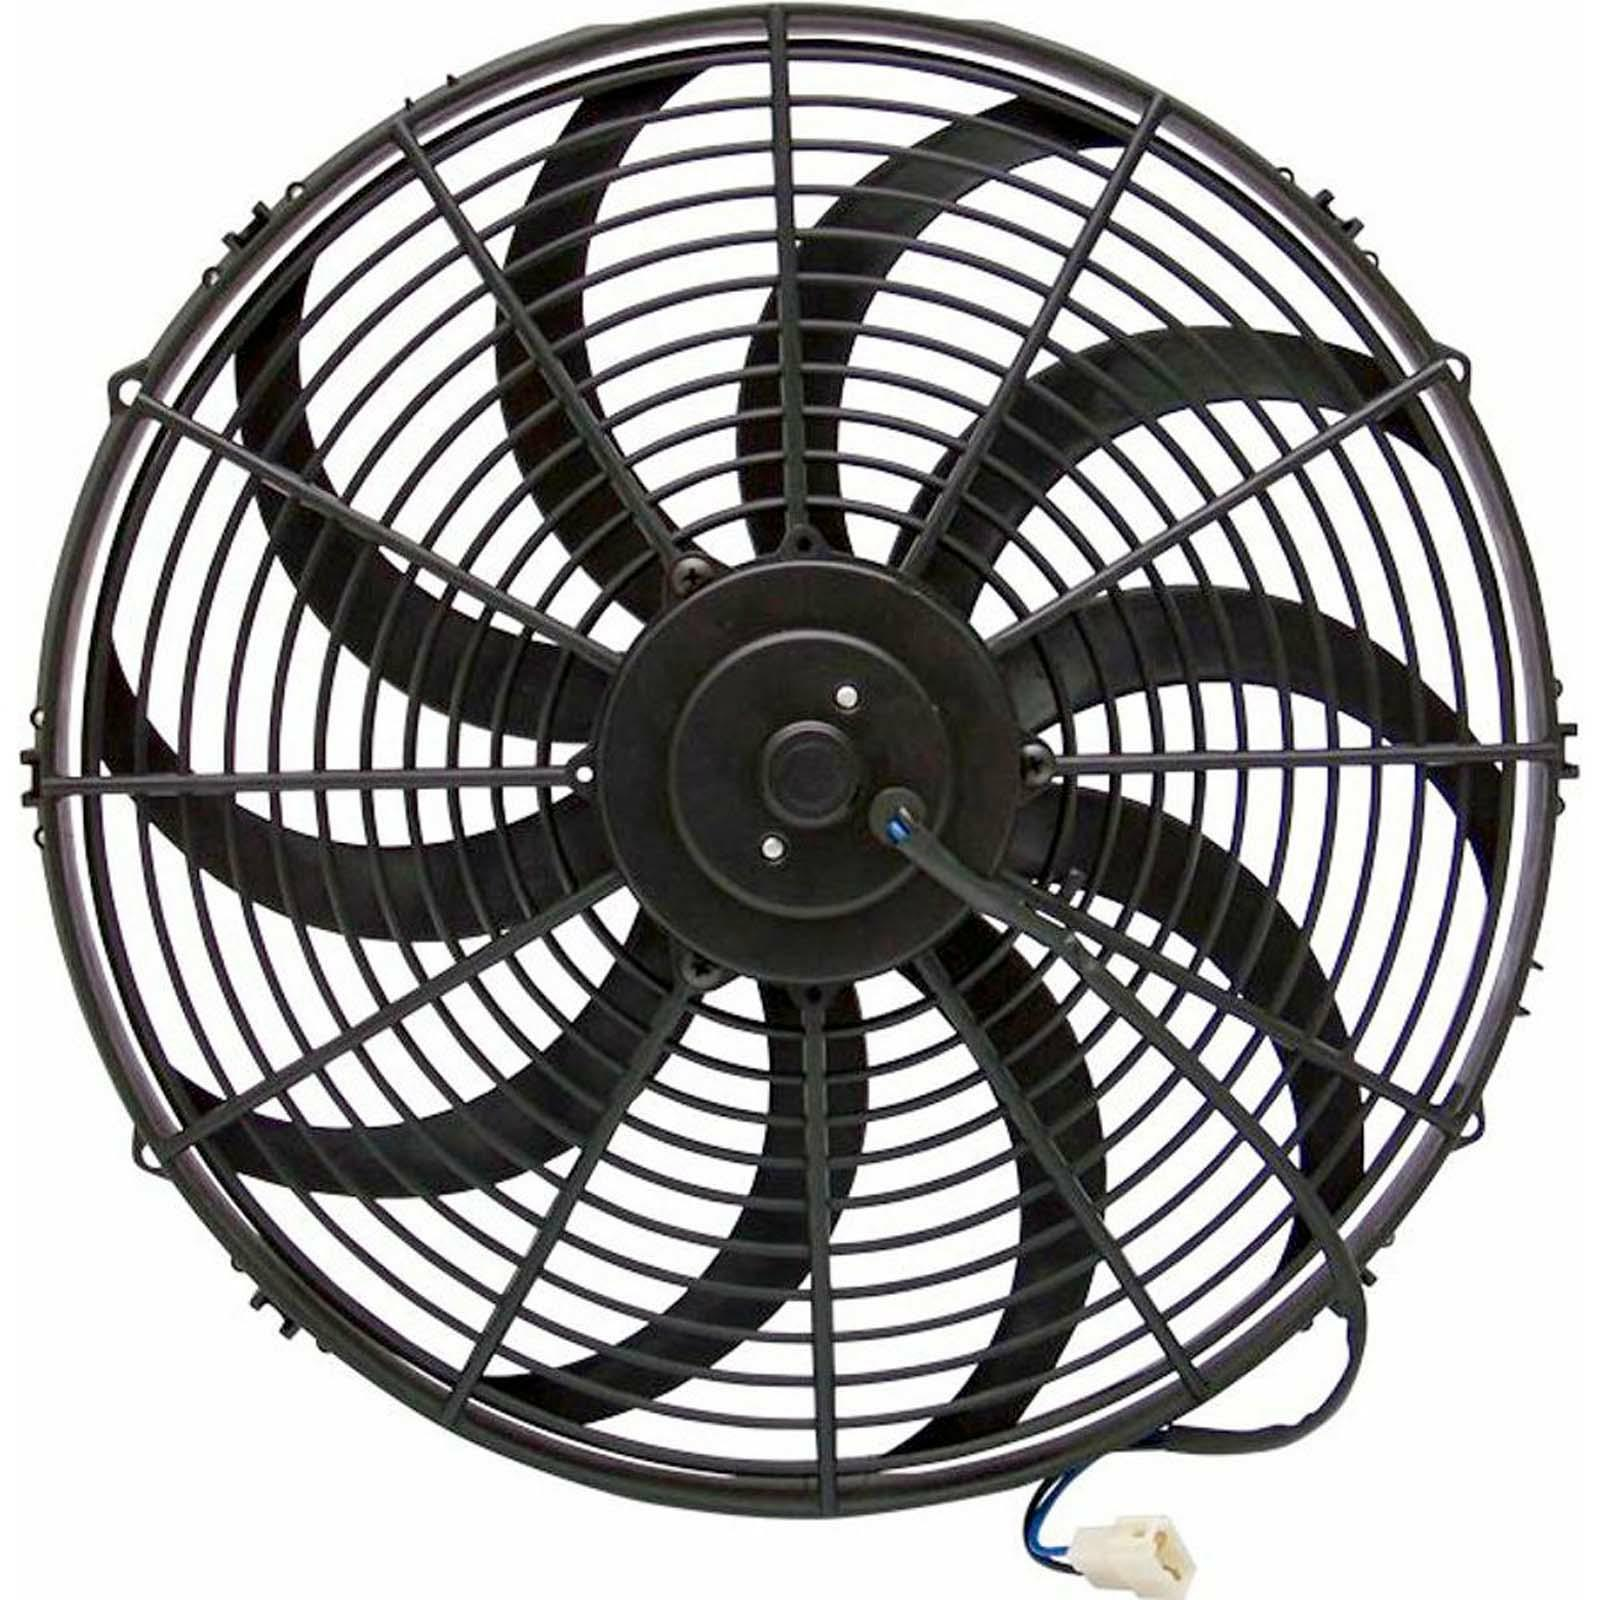 New Electric Fan : Quot heavy duty radiator electric fan cfm brand new